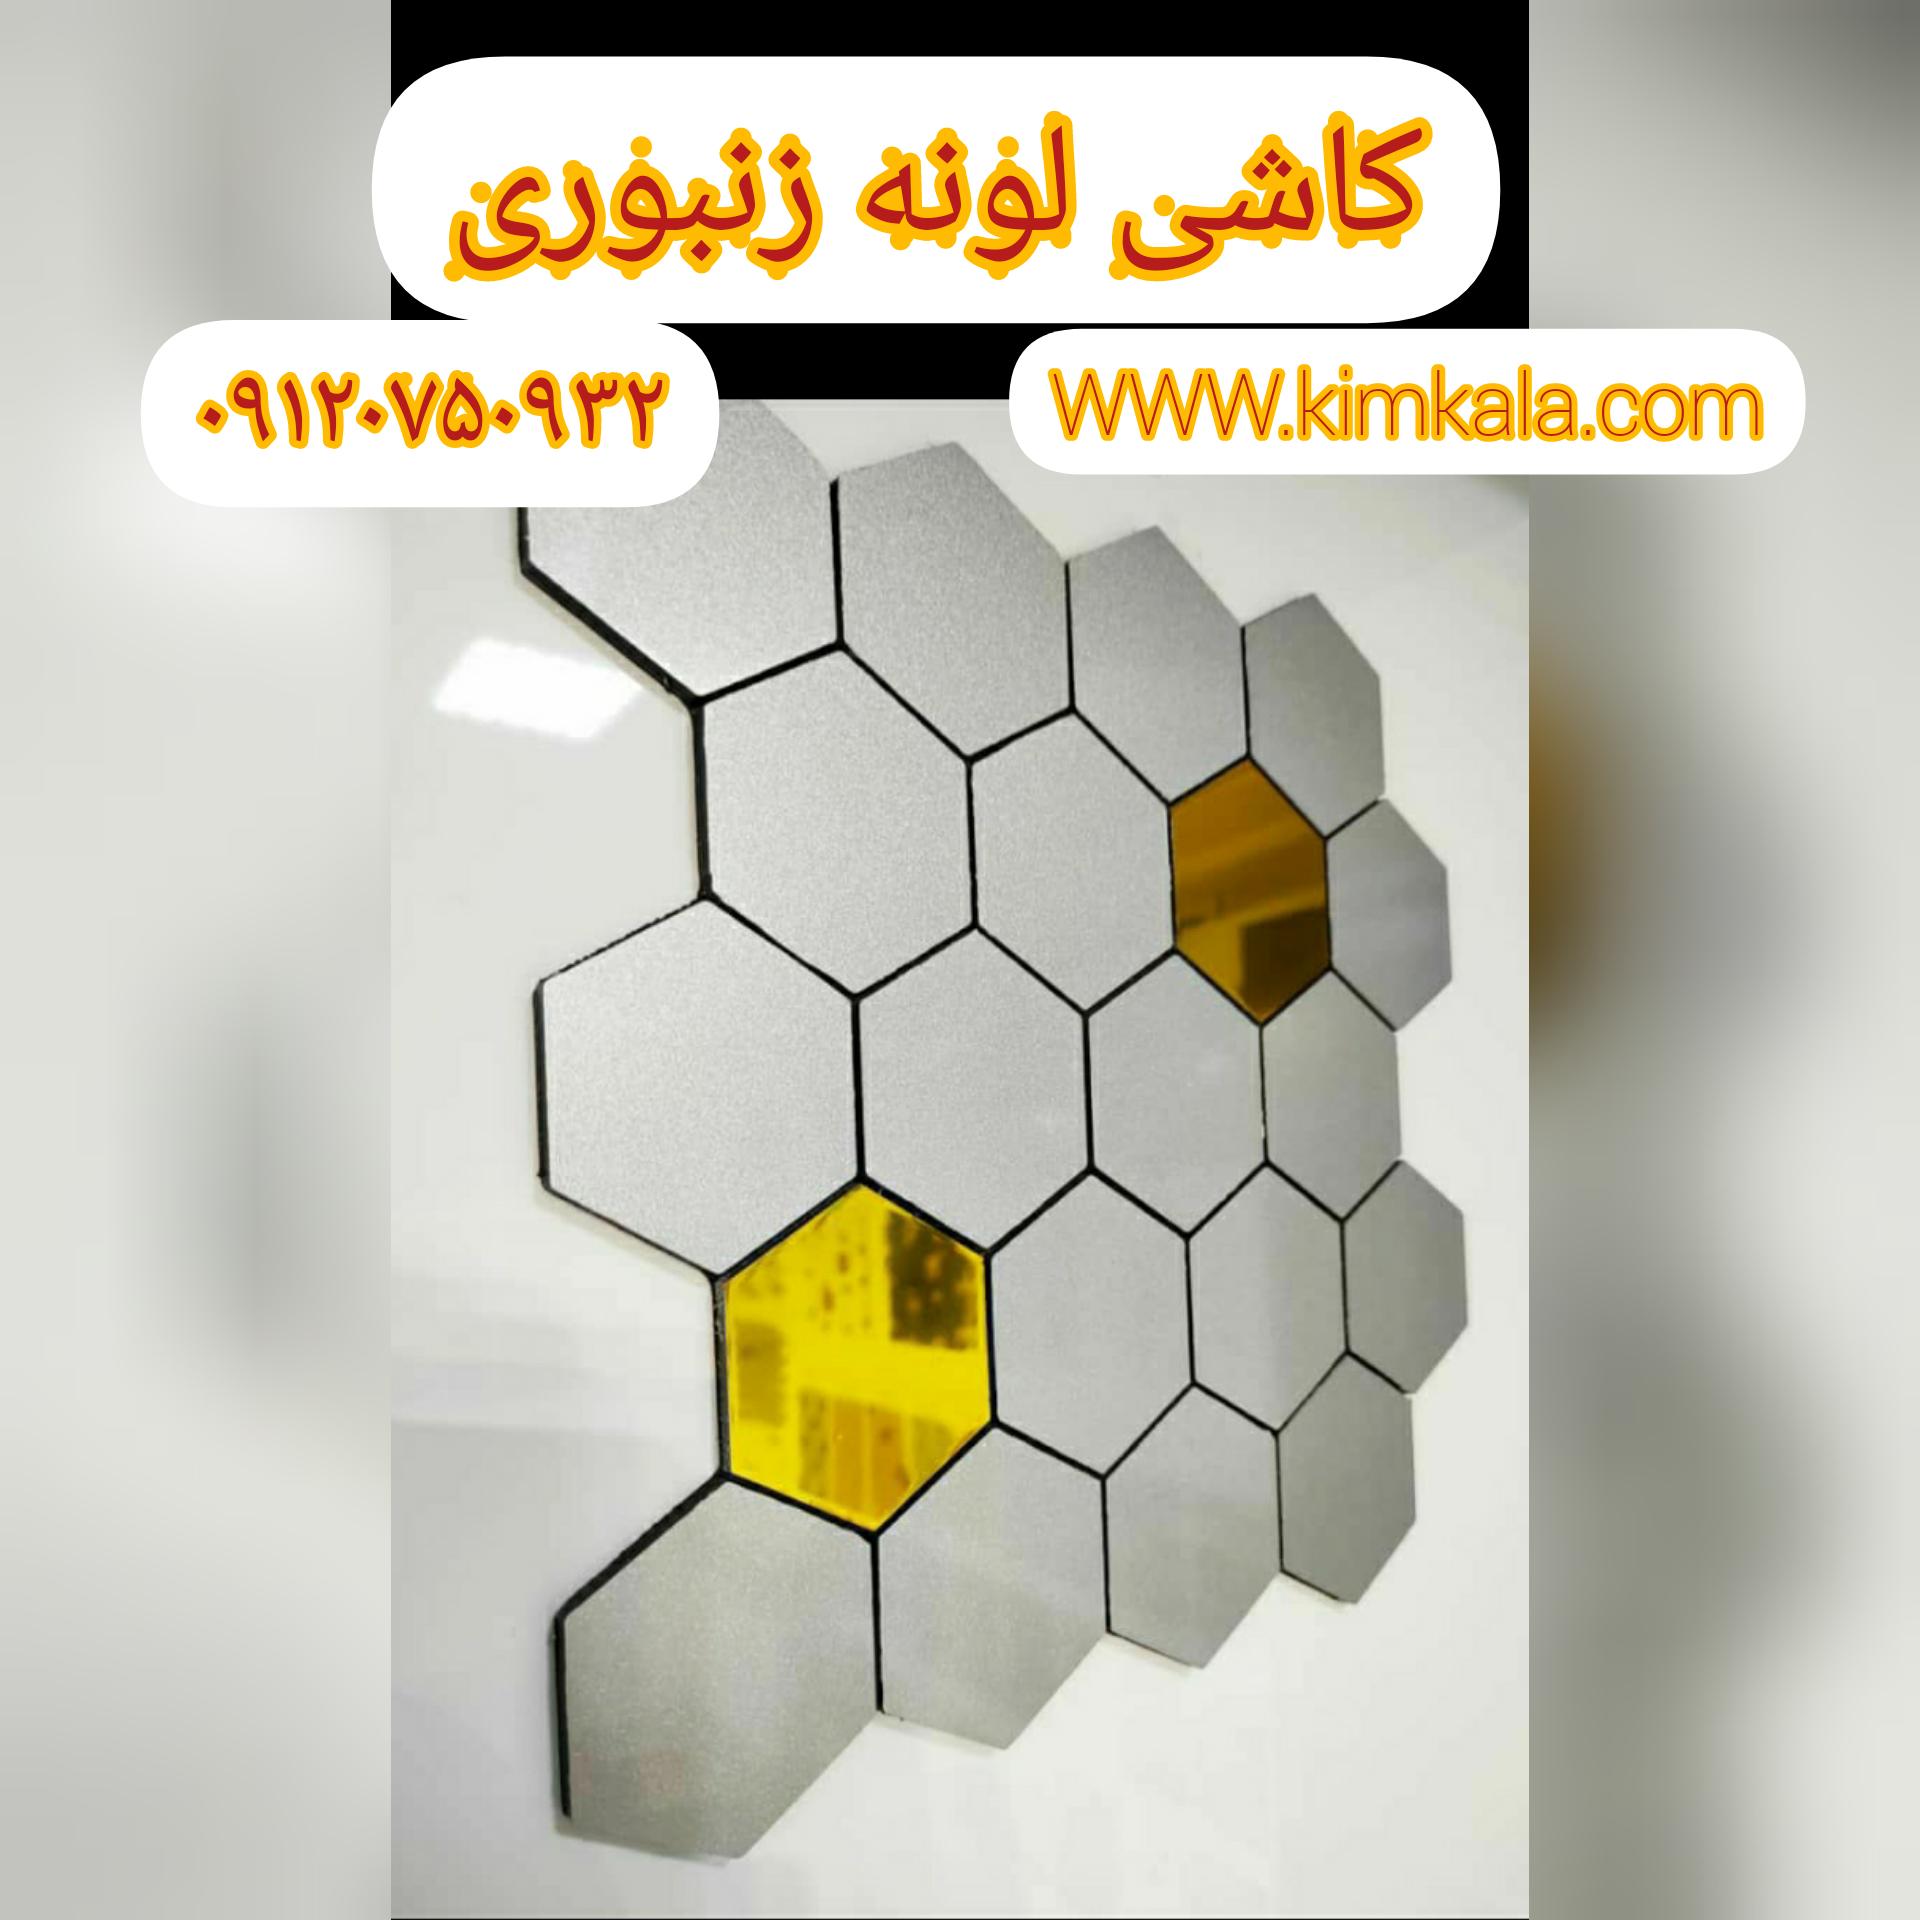 کاشی برچسبی لونه زنبوری/09120750932/قیمت کاشی ها